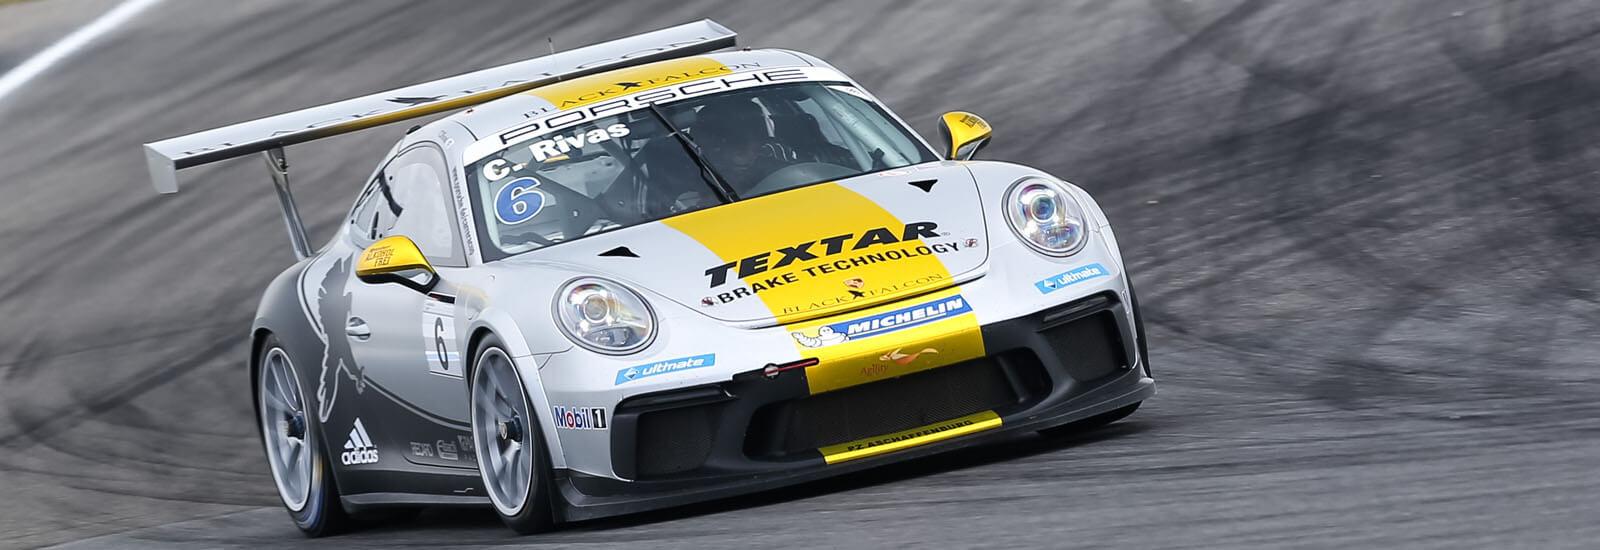 Black Falcon vor zweitem Porsche Carrera Cup-Auftritt